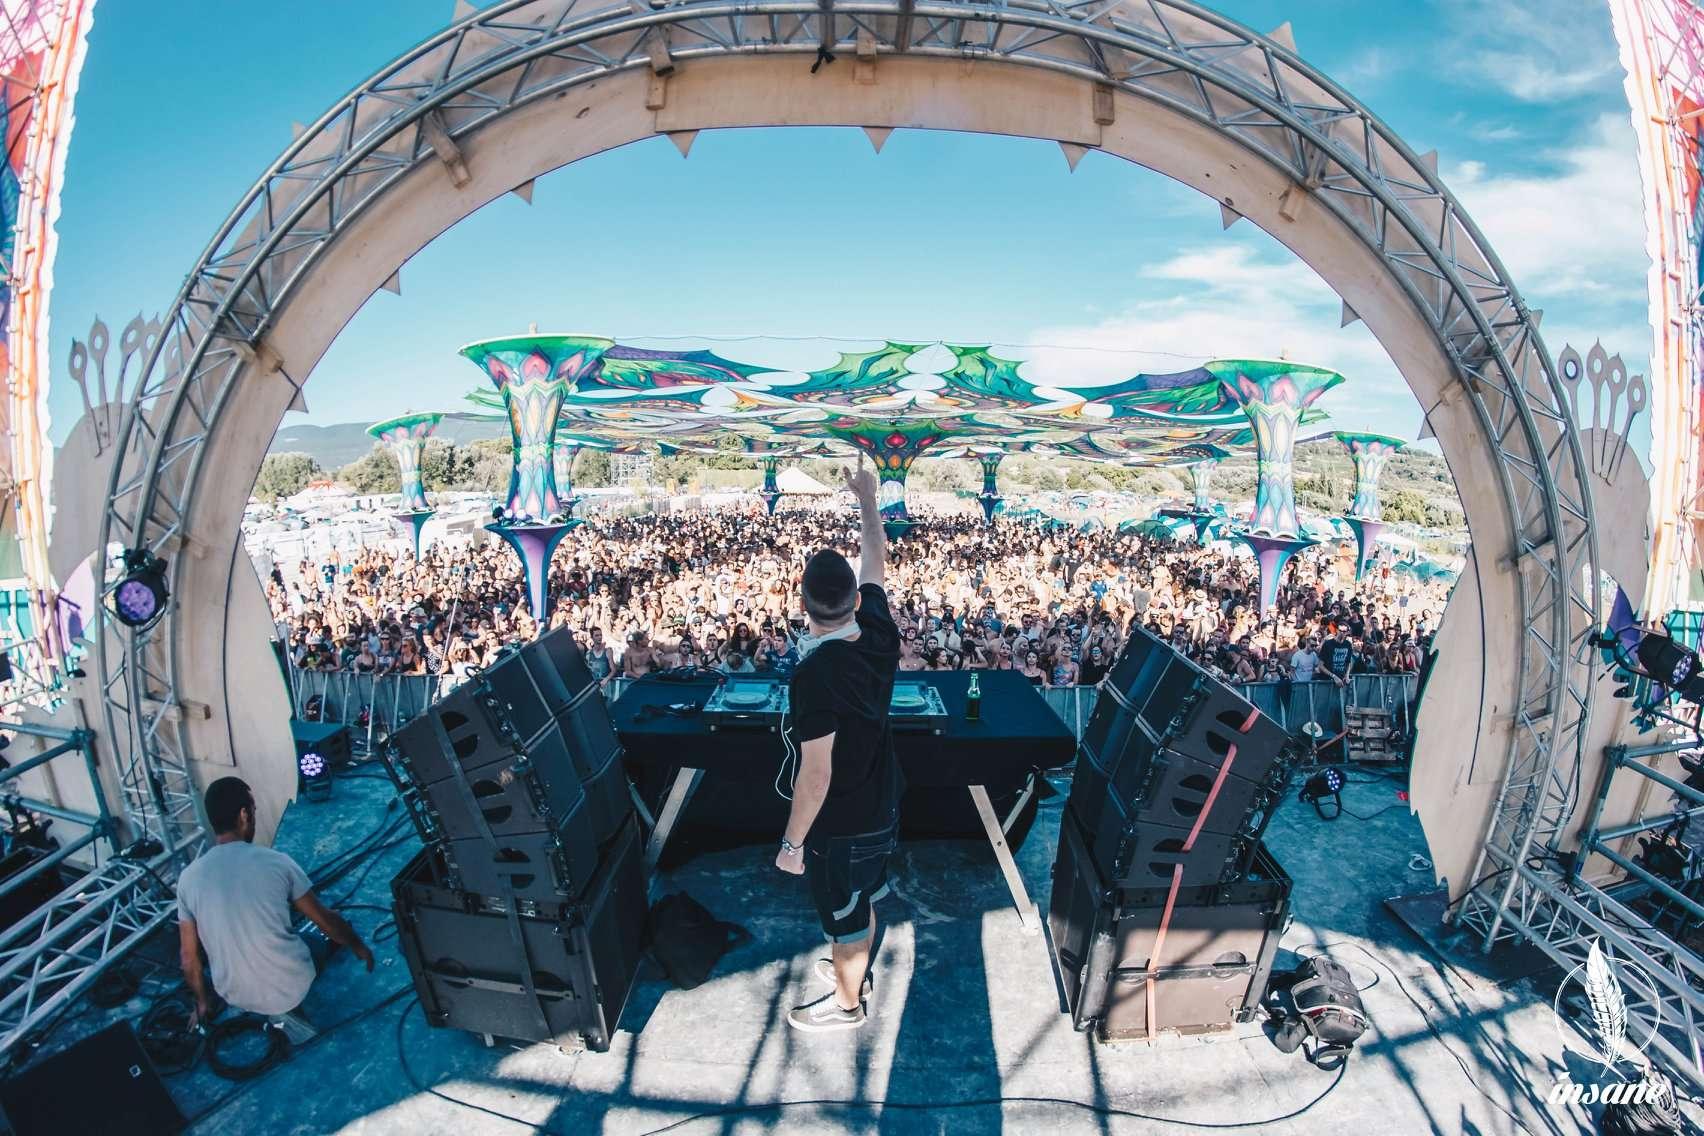 [Sud] Insane Festival 2019 : 95% du line up a été annoncé avec de la trance, techno, dub, hard et bass music